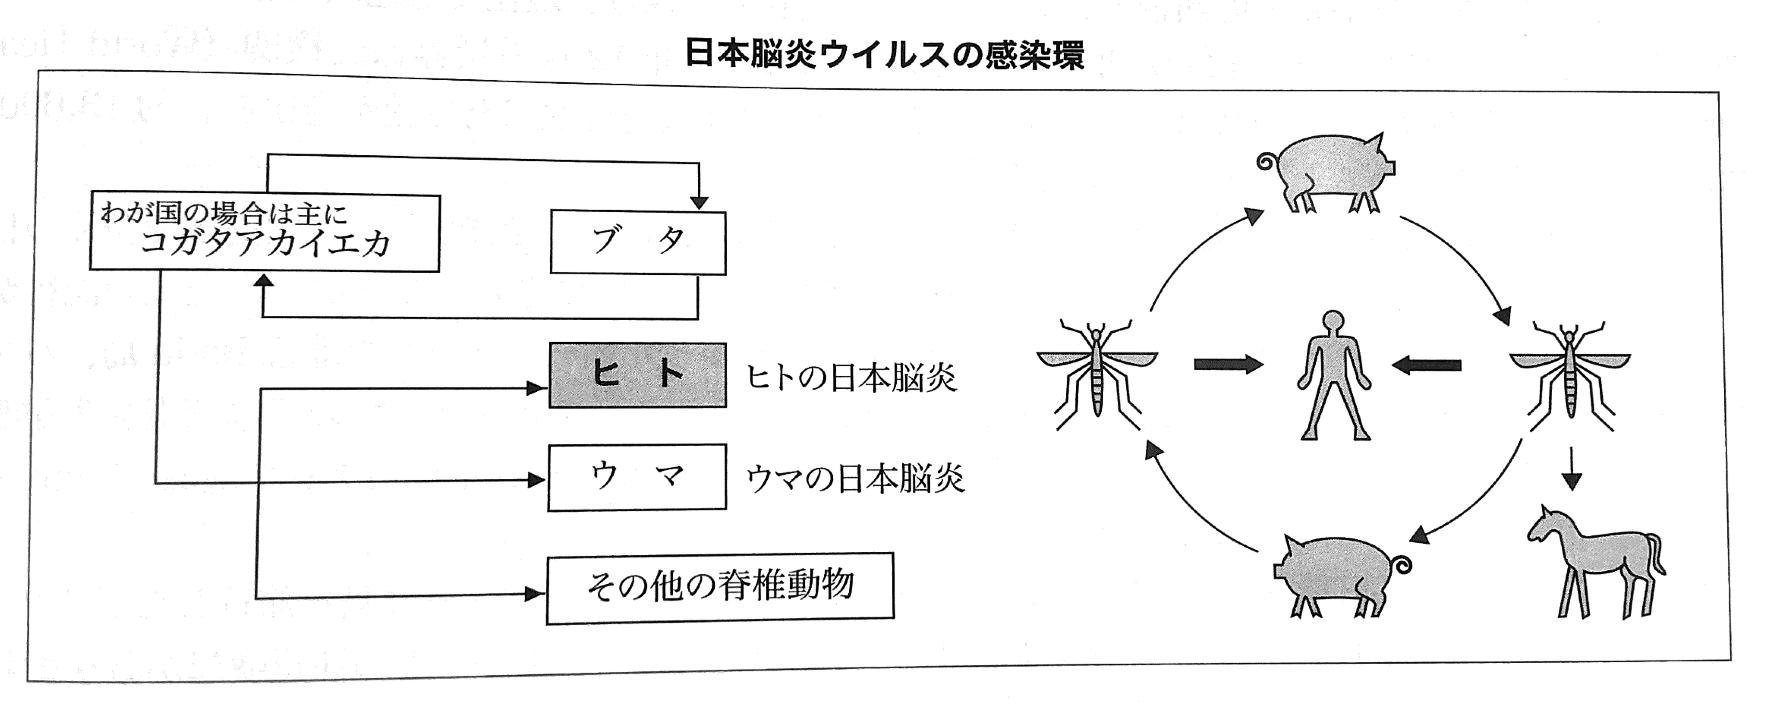 日本脳炎ーブタ